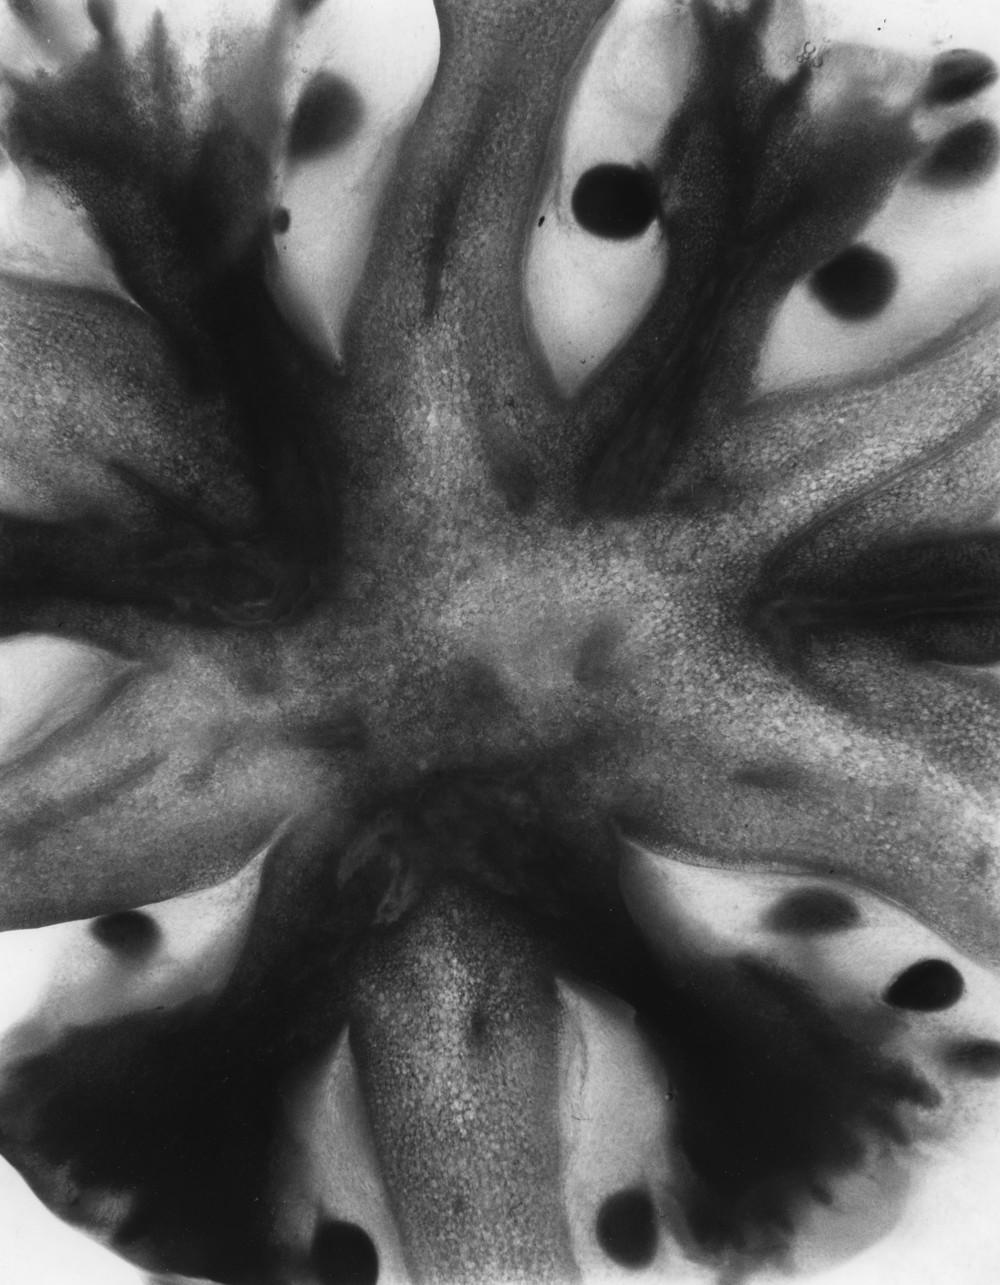 Solanum Lycopersicum II, 2015